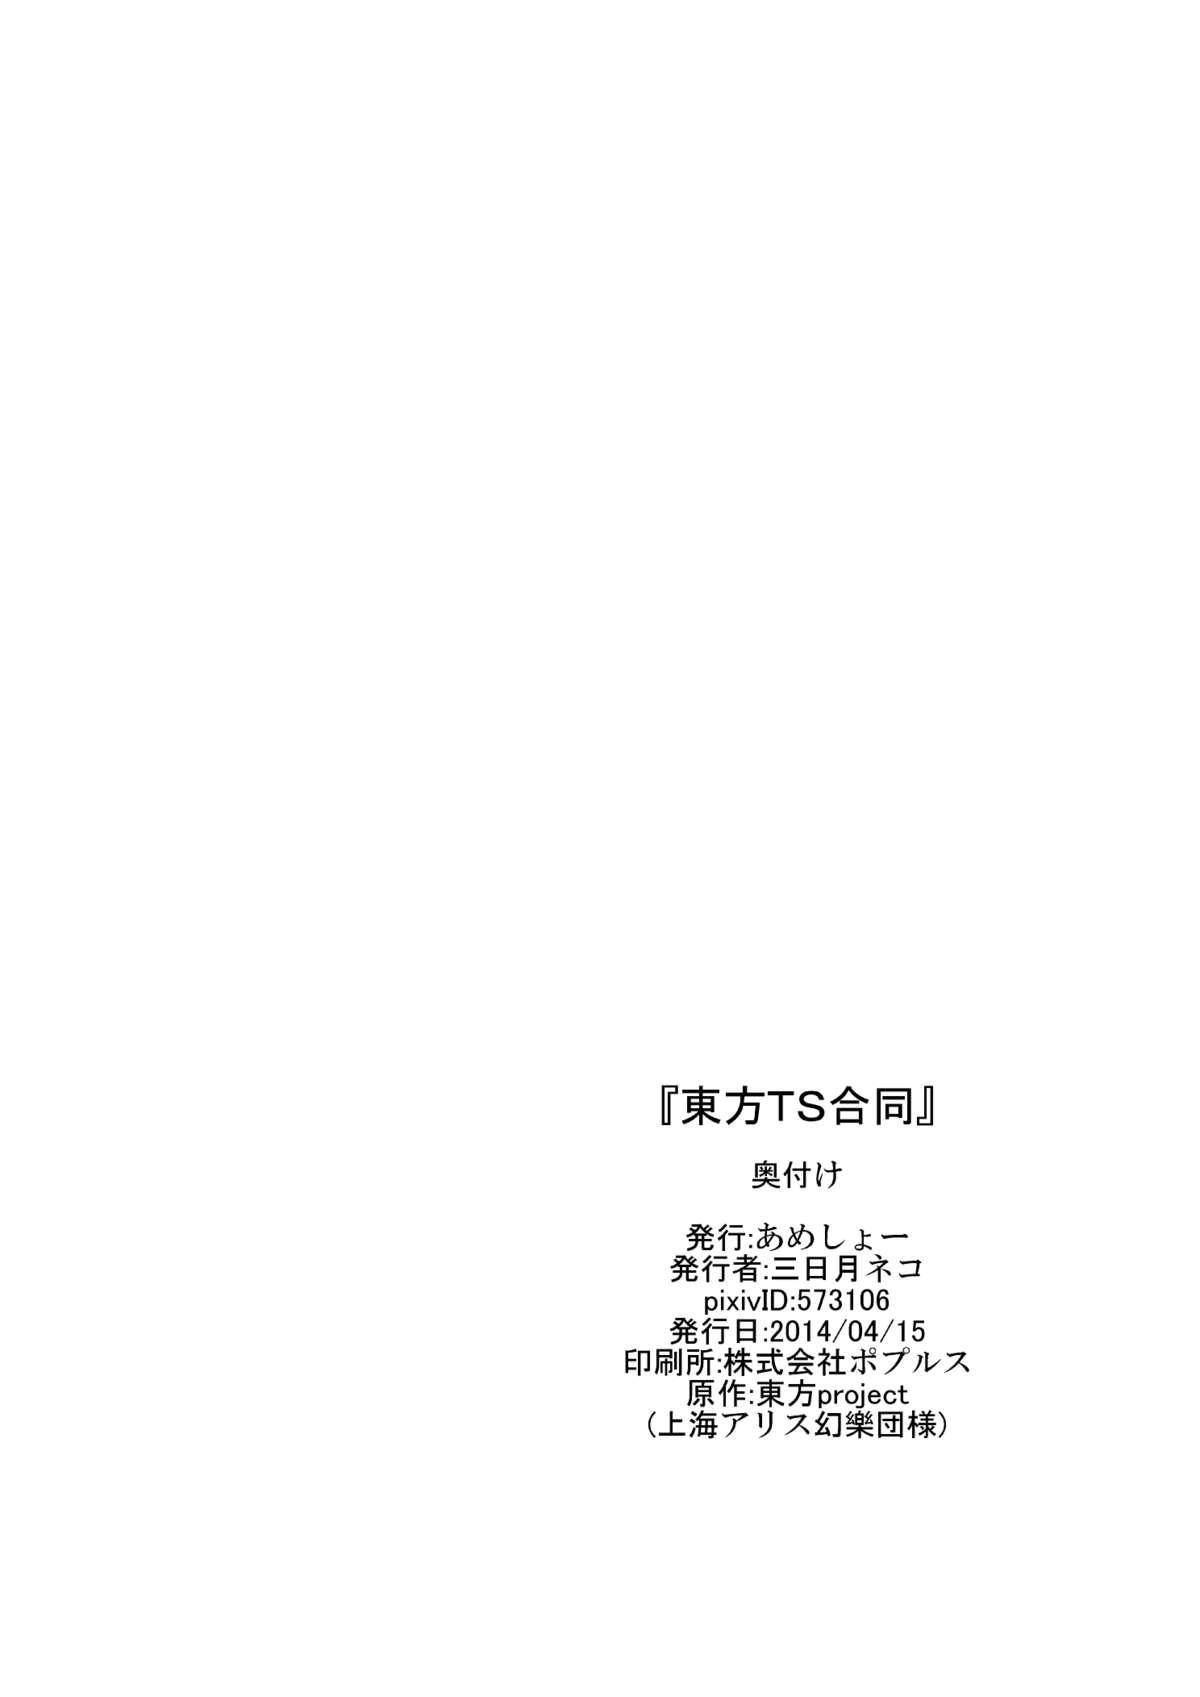 東方TS合同 〇〇が✖✖になったら 21